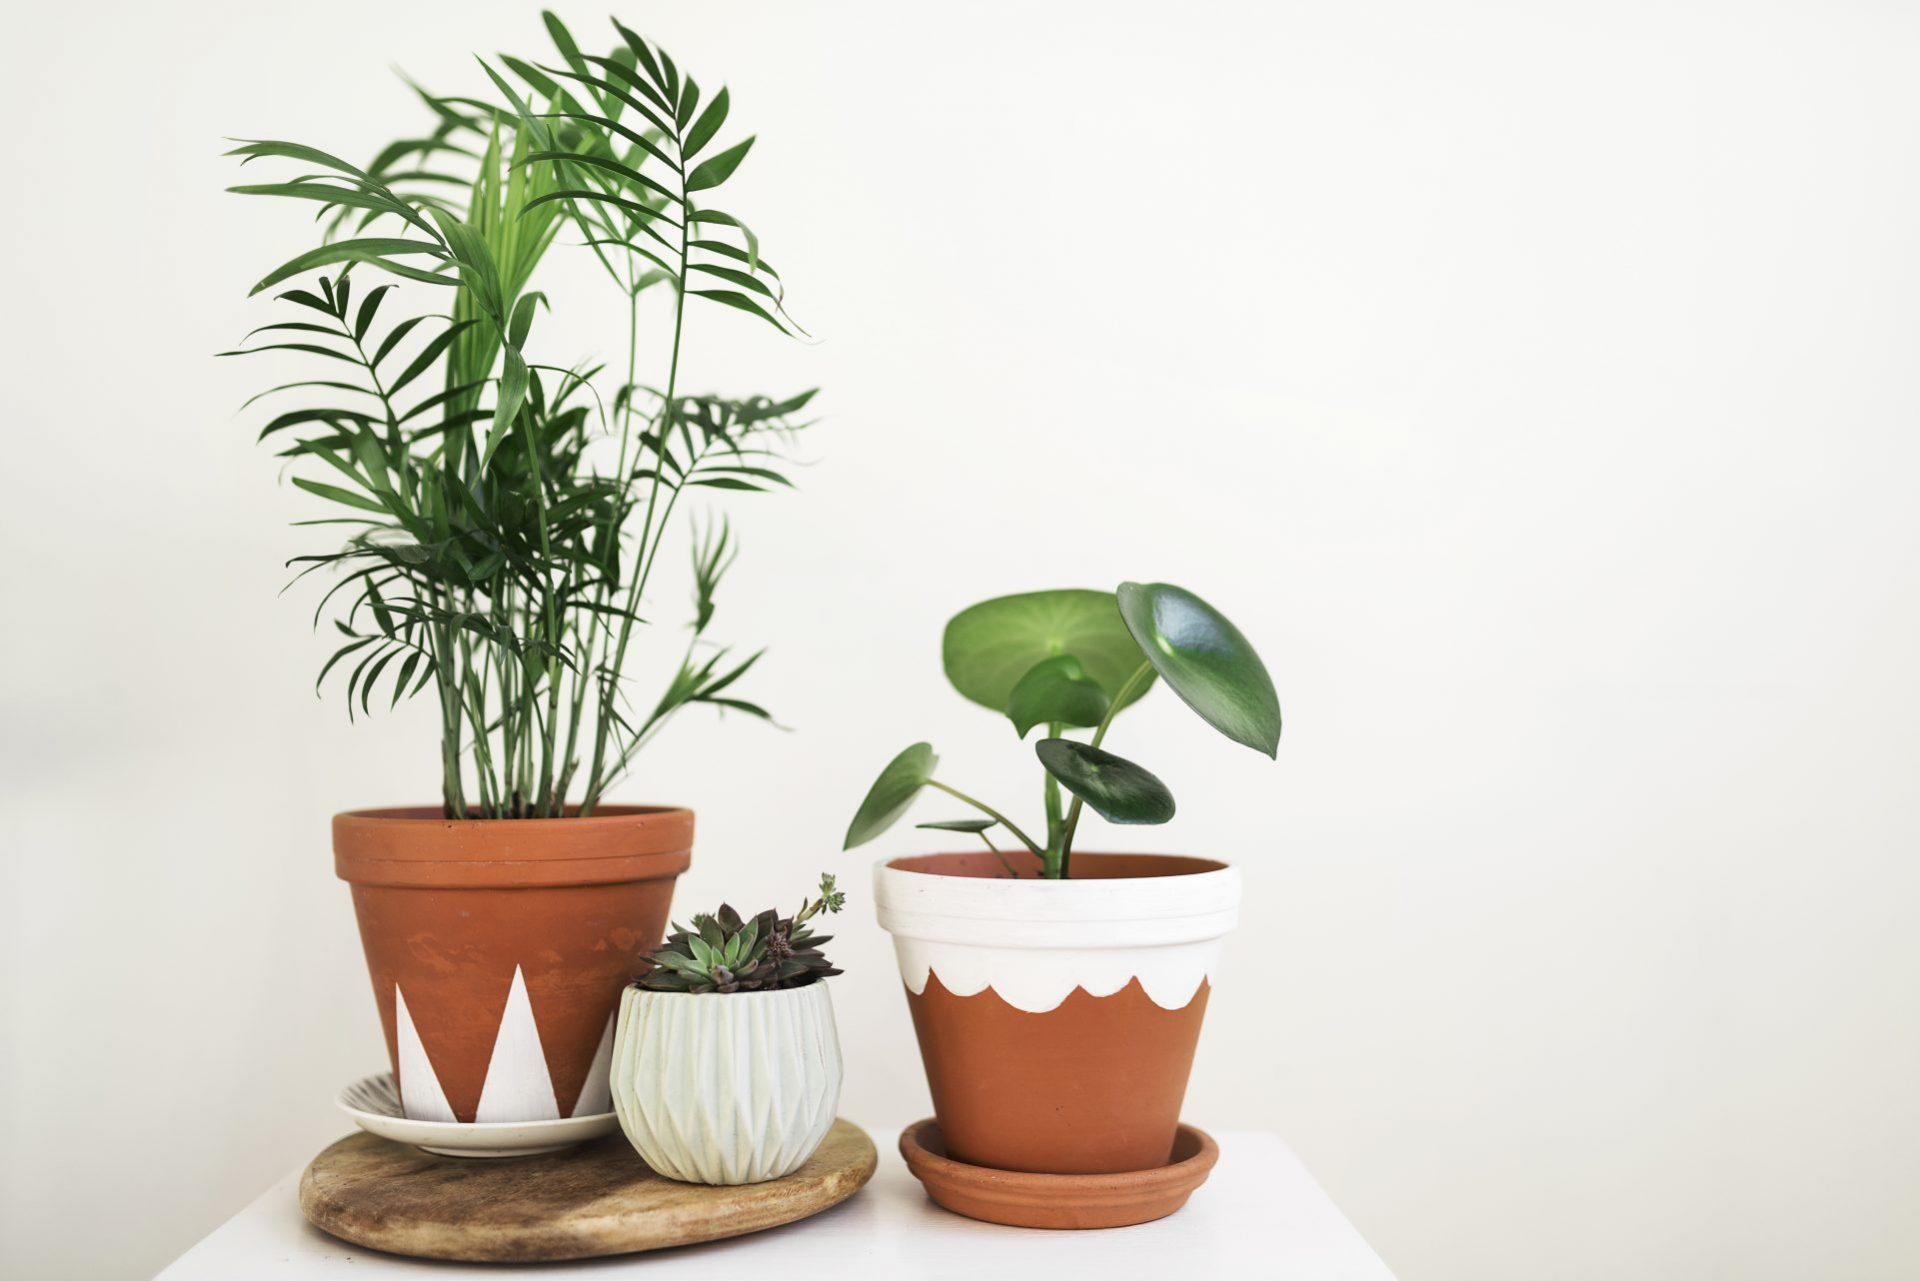 potteplanter bord interiør